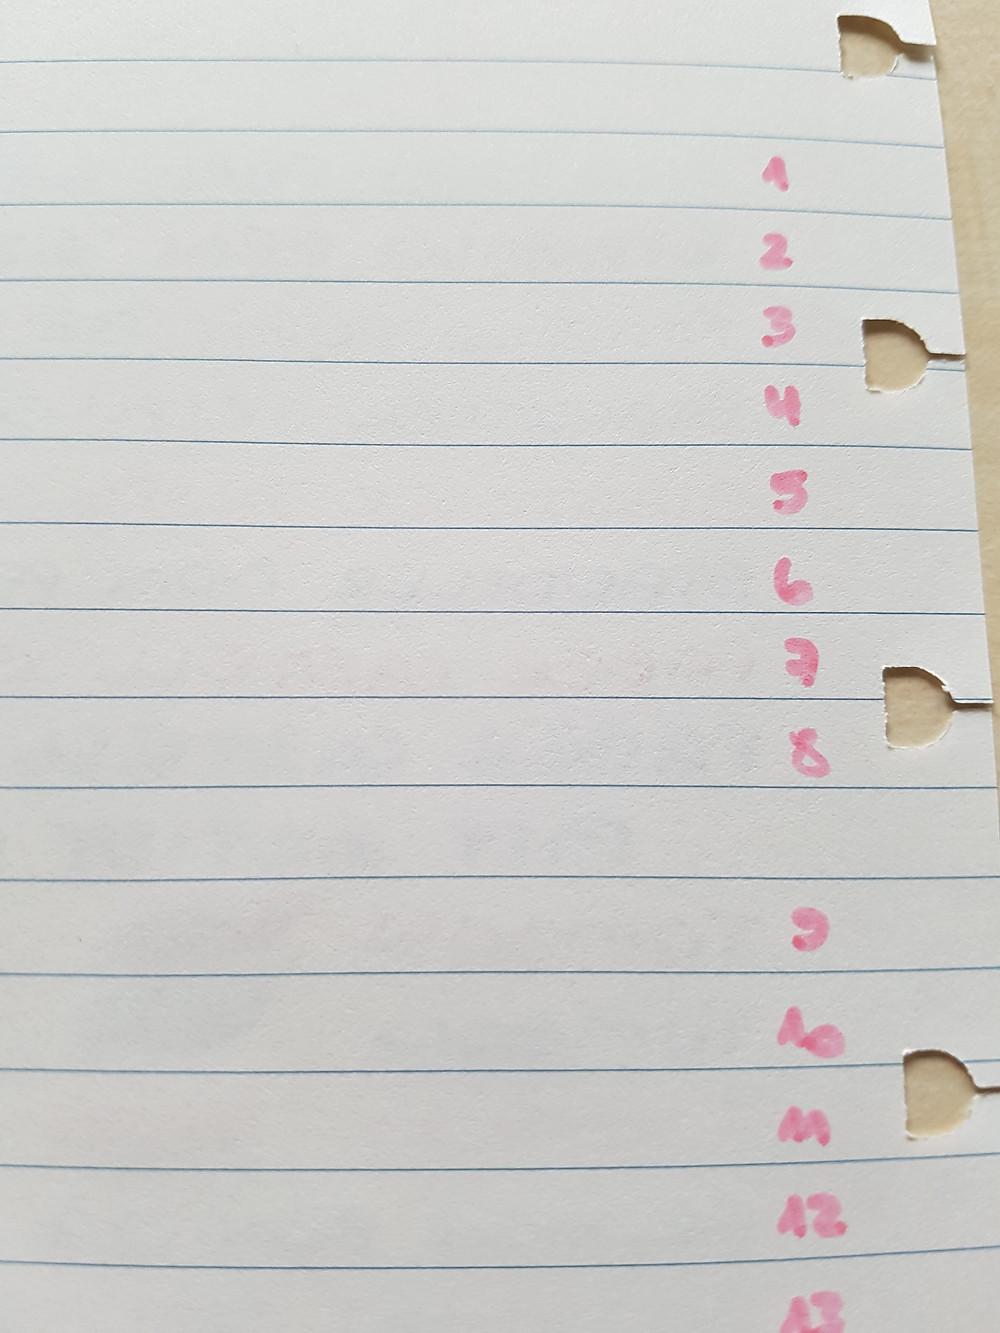 StickersSwissMade - blogpost - paper and pen test nbr 3 - filofax notebooks_13